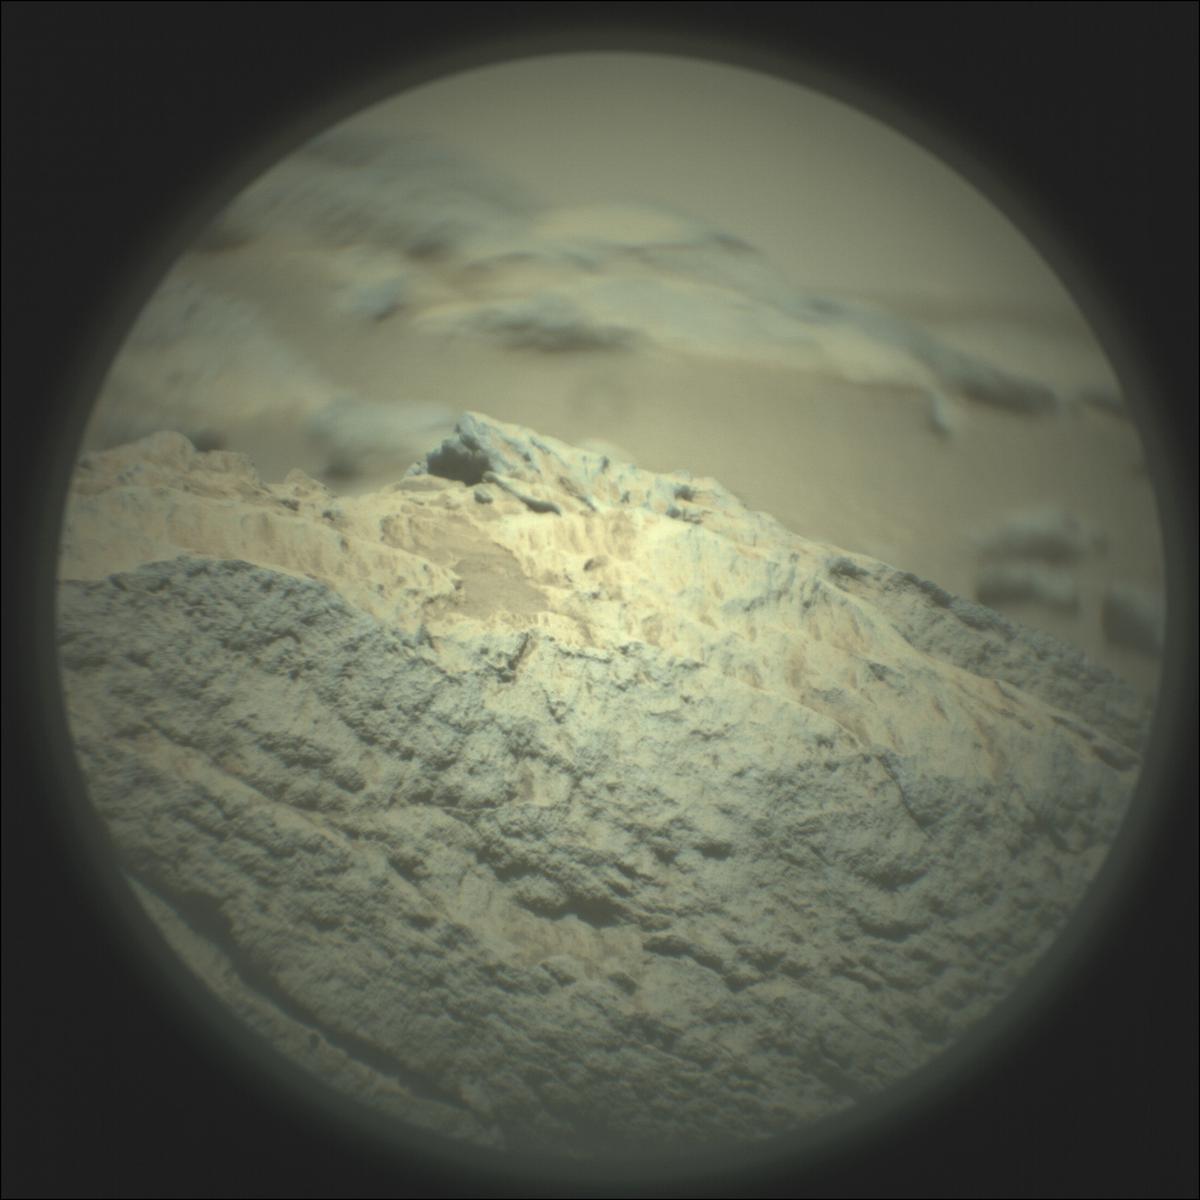 Mars Rover Photo #865420